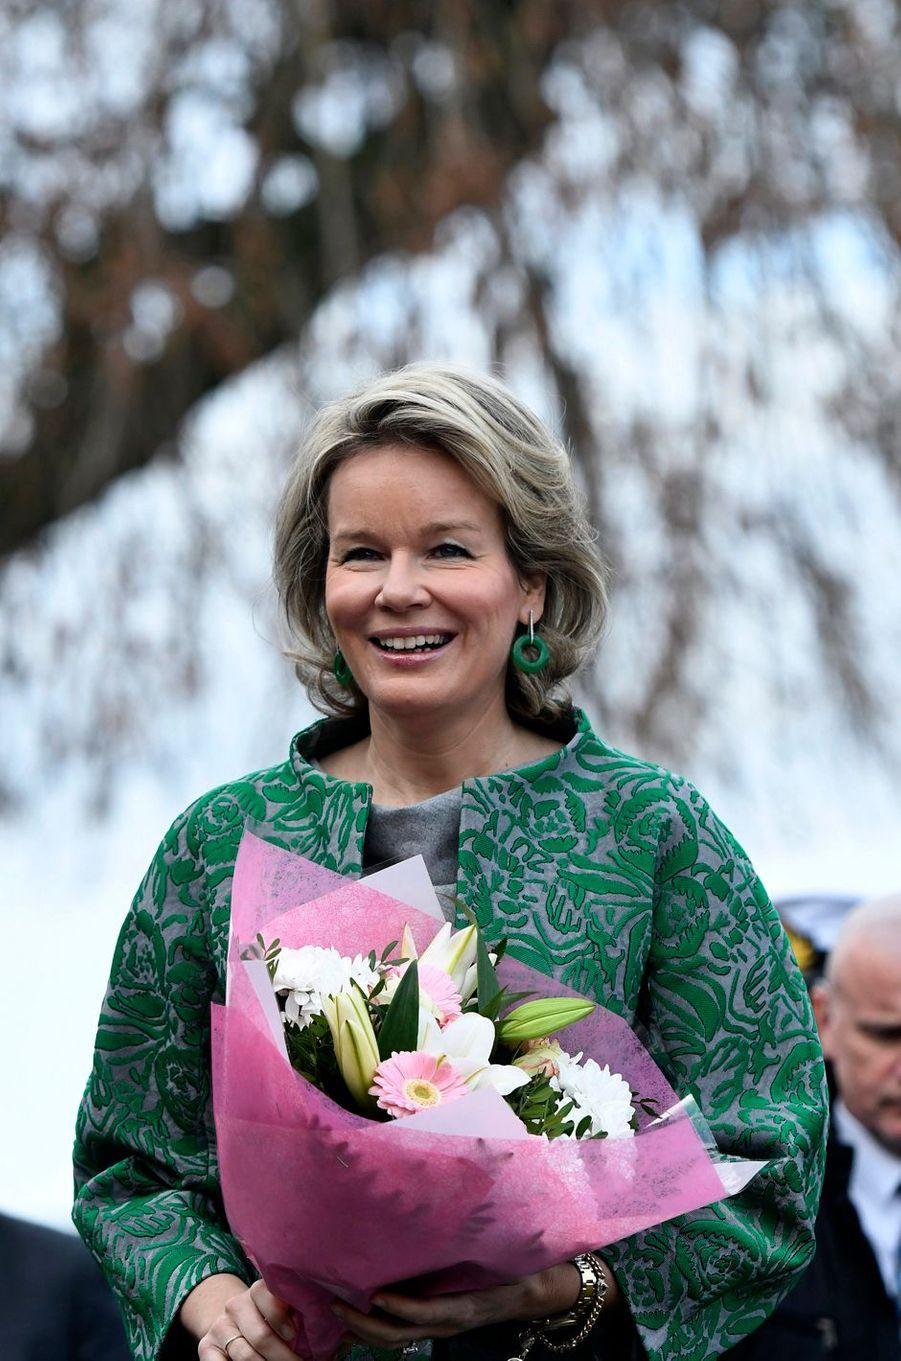 La reine Mathilde de Belgique à Piétrebais, le 11 décembre 2018